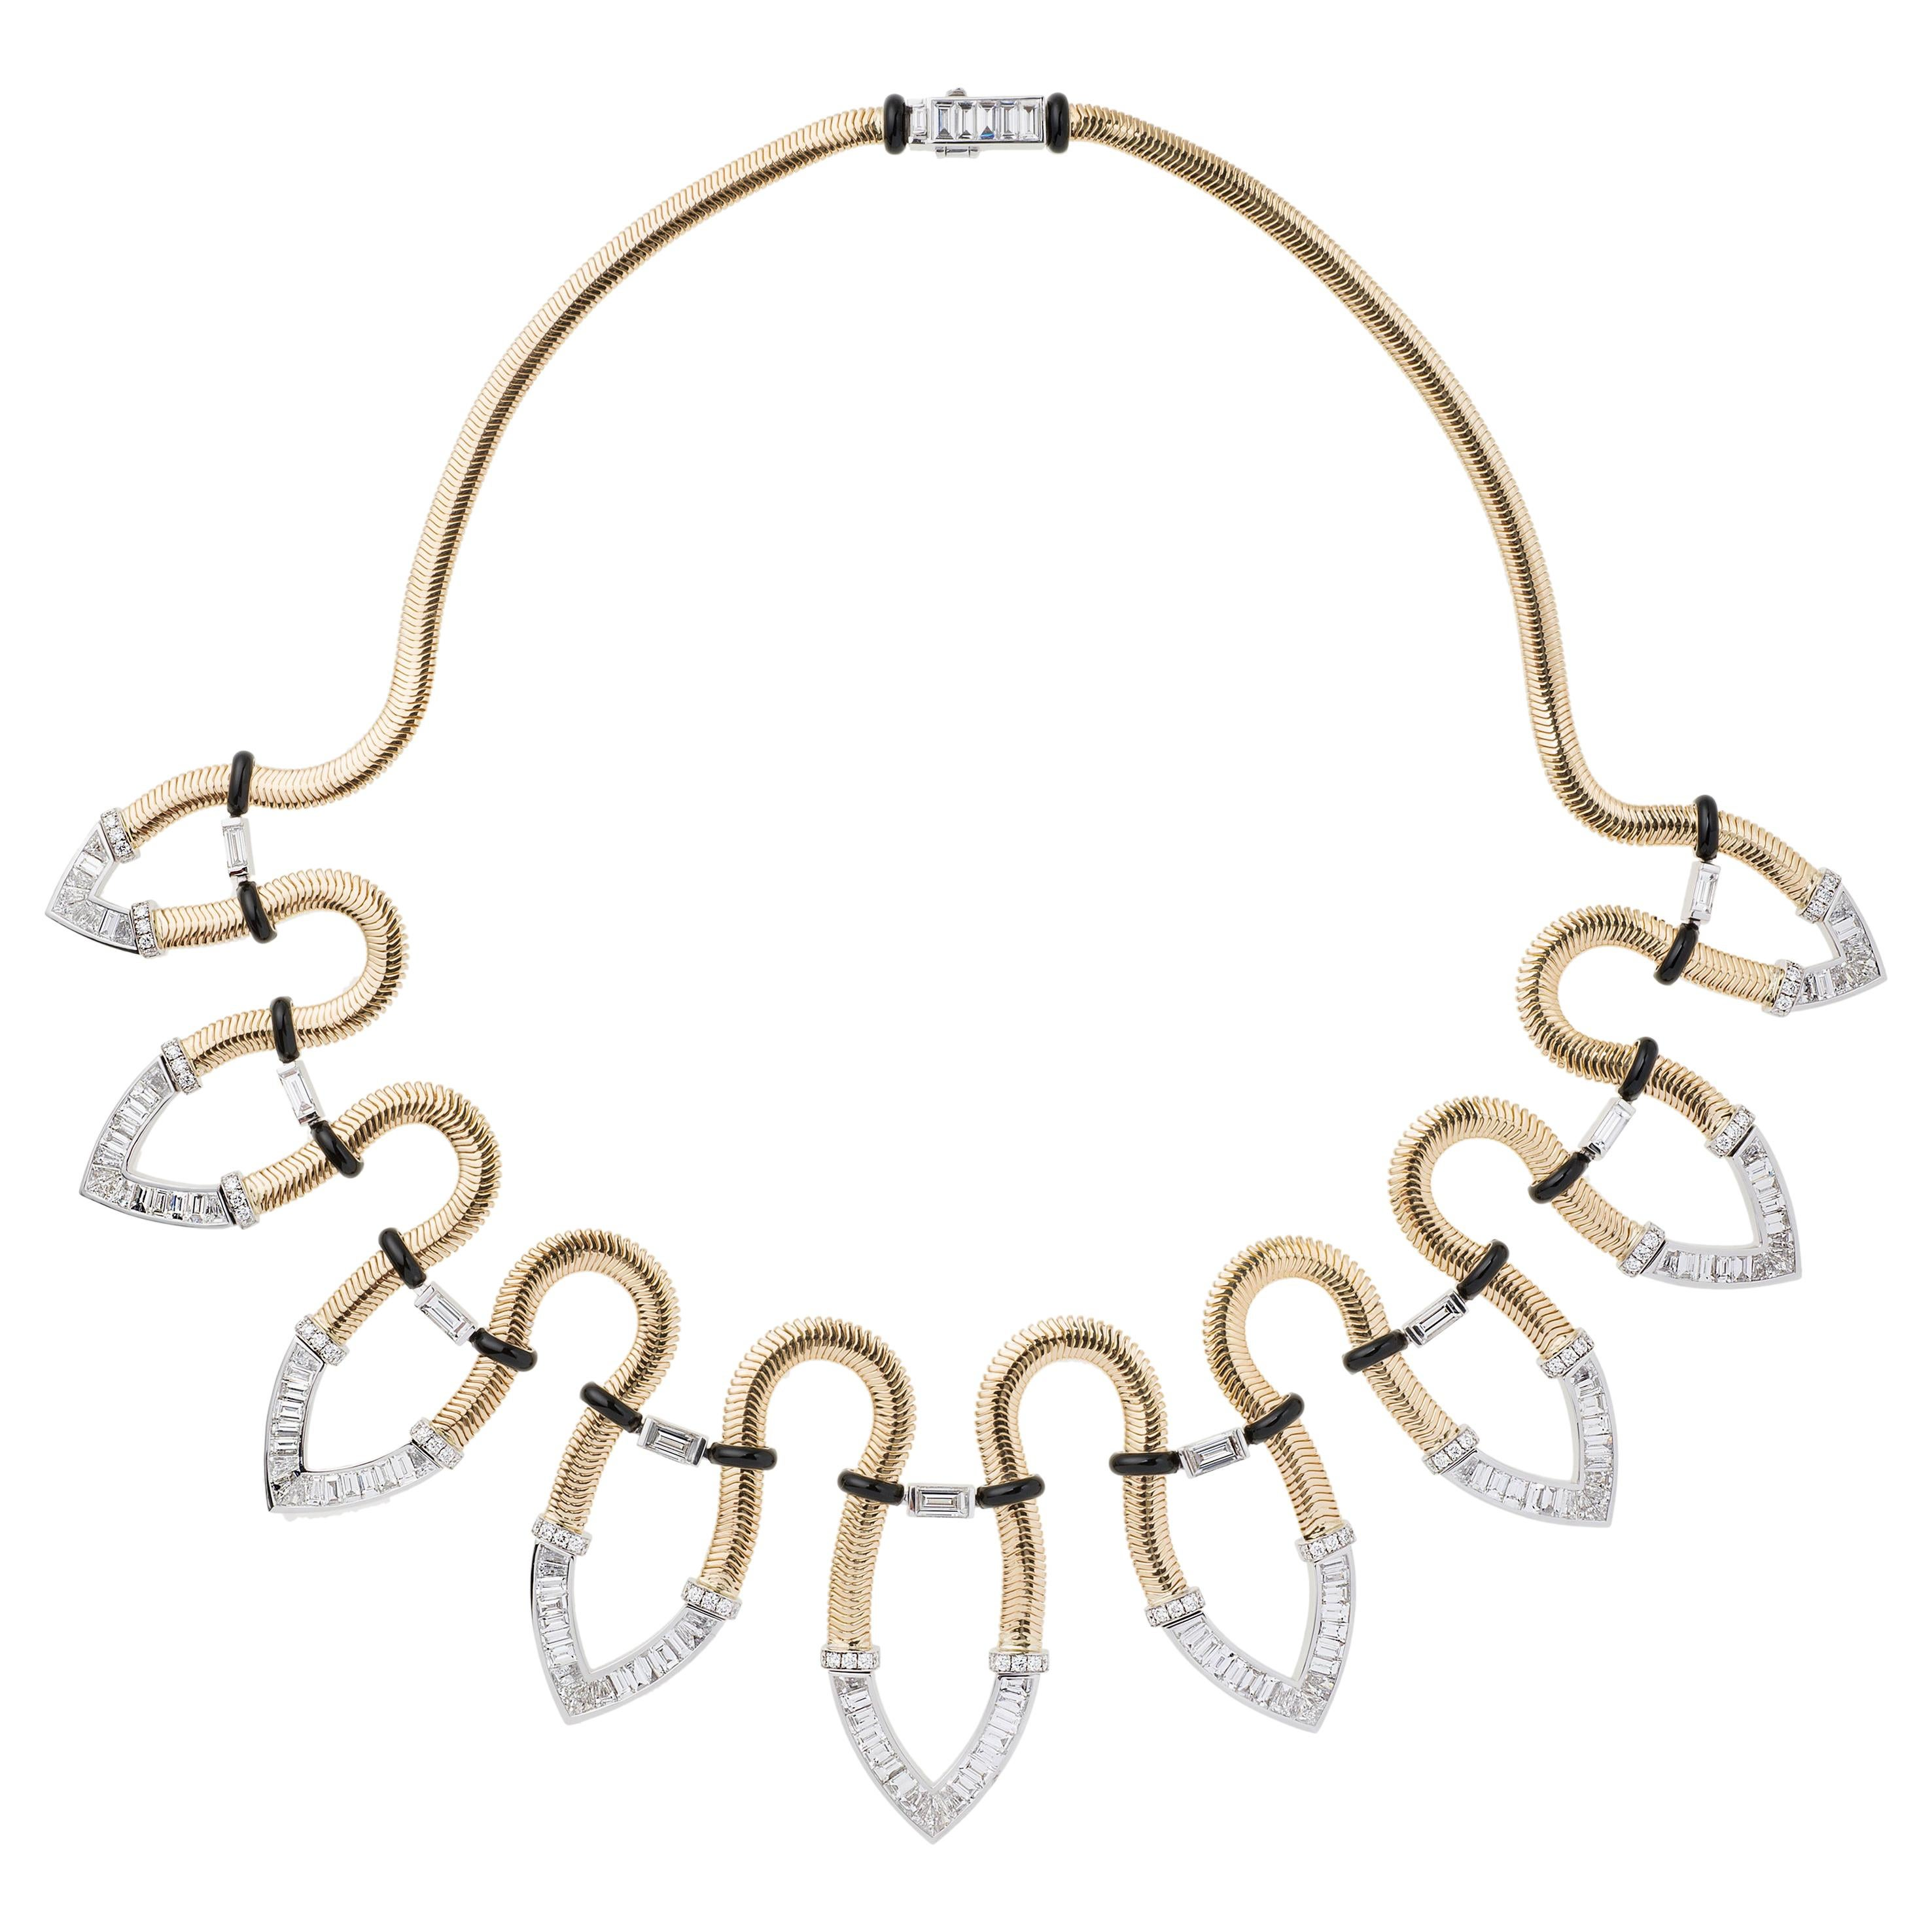 Nikos Koulis Feelings Riviera Necklace with White Diamonds in 18K Yellow Gold